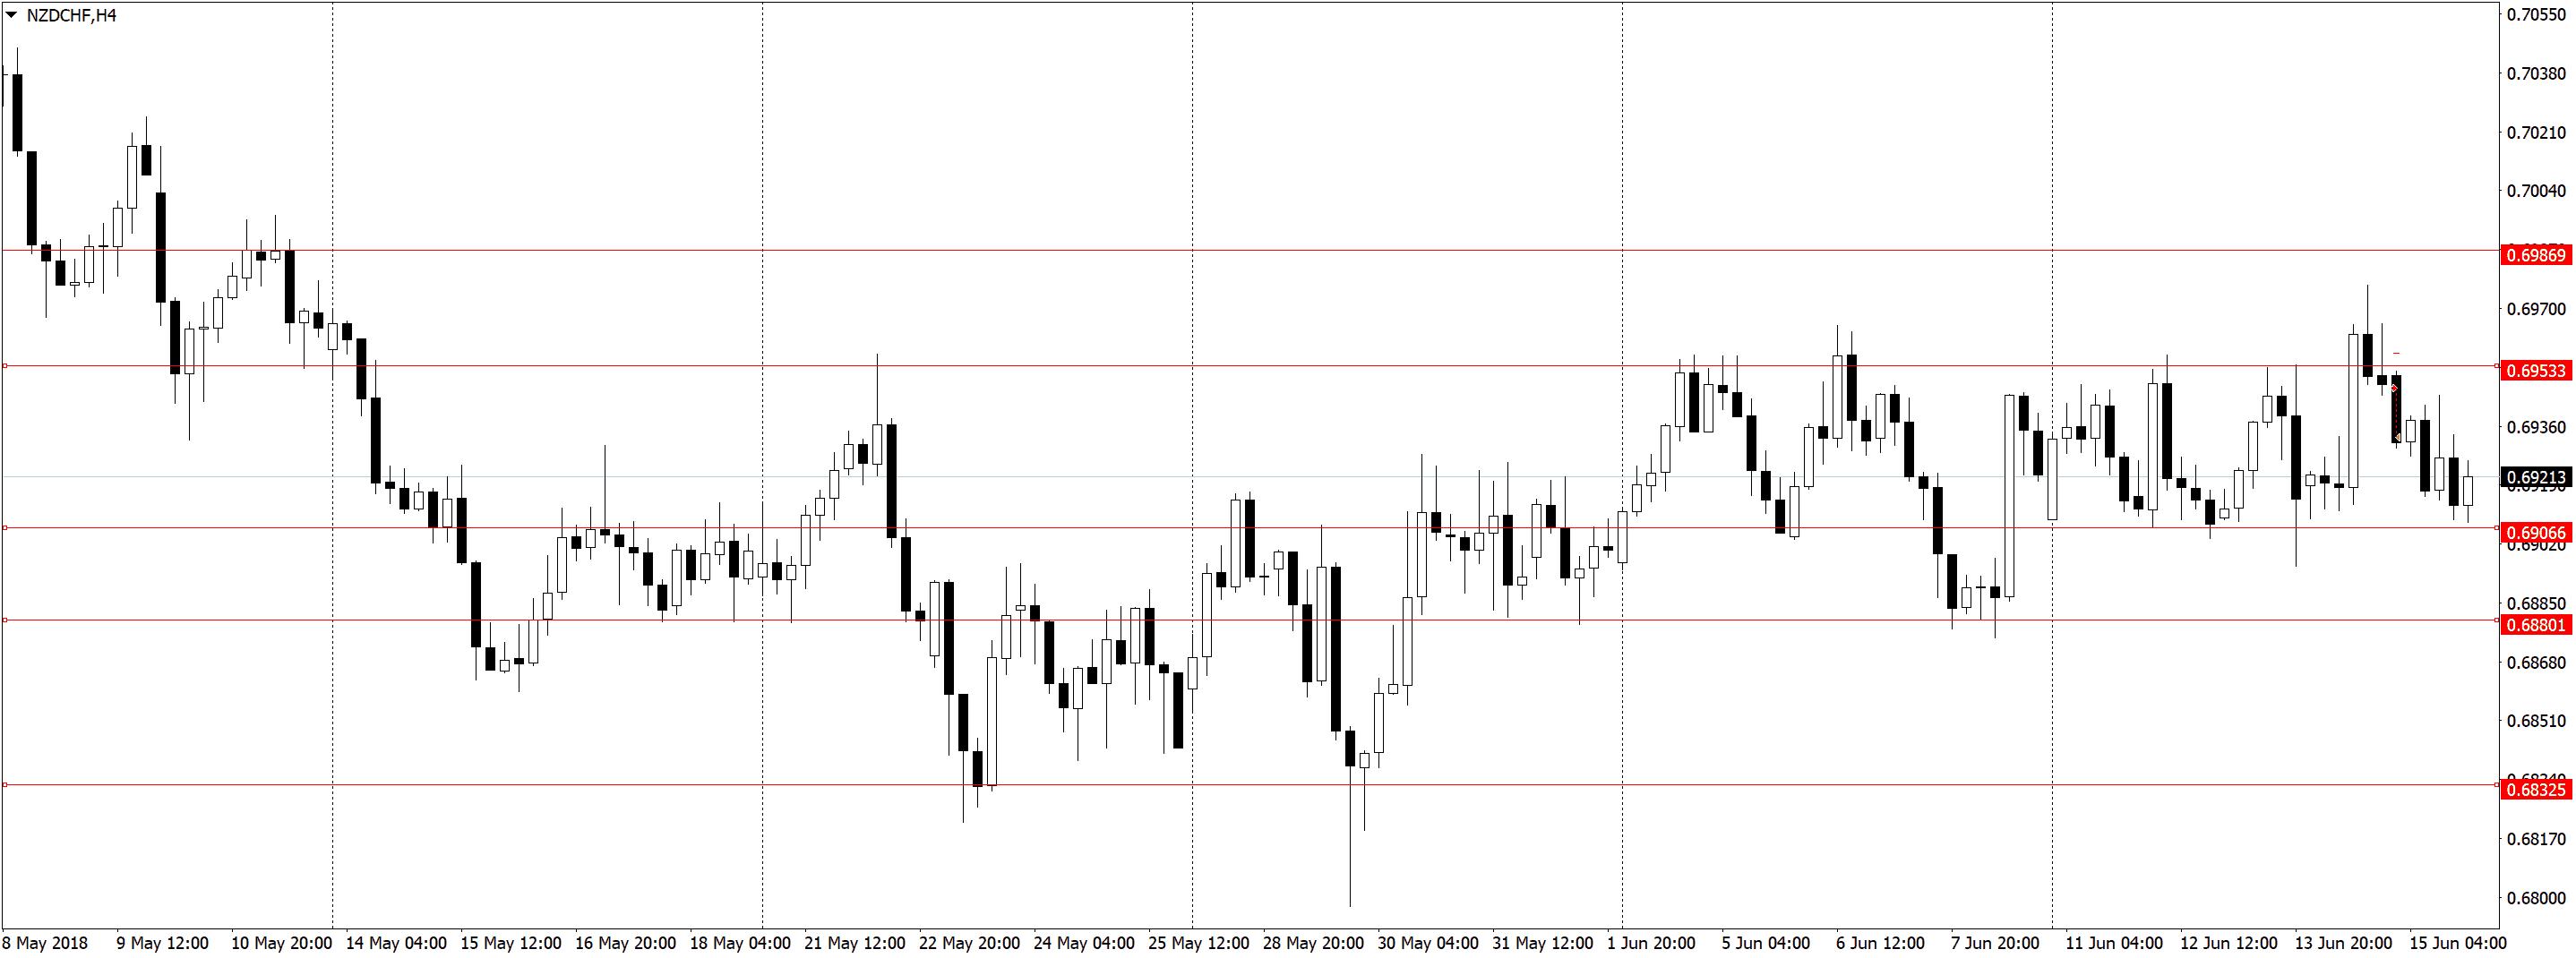 NZDCHFH4 3 Усталость от трейдинга, торговля акций, переторговка